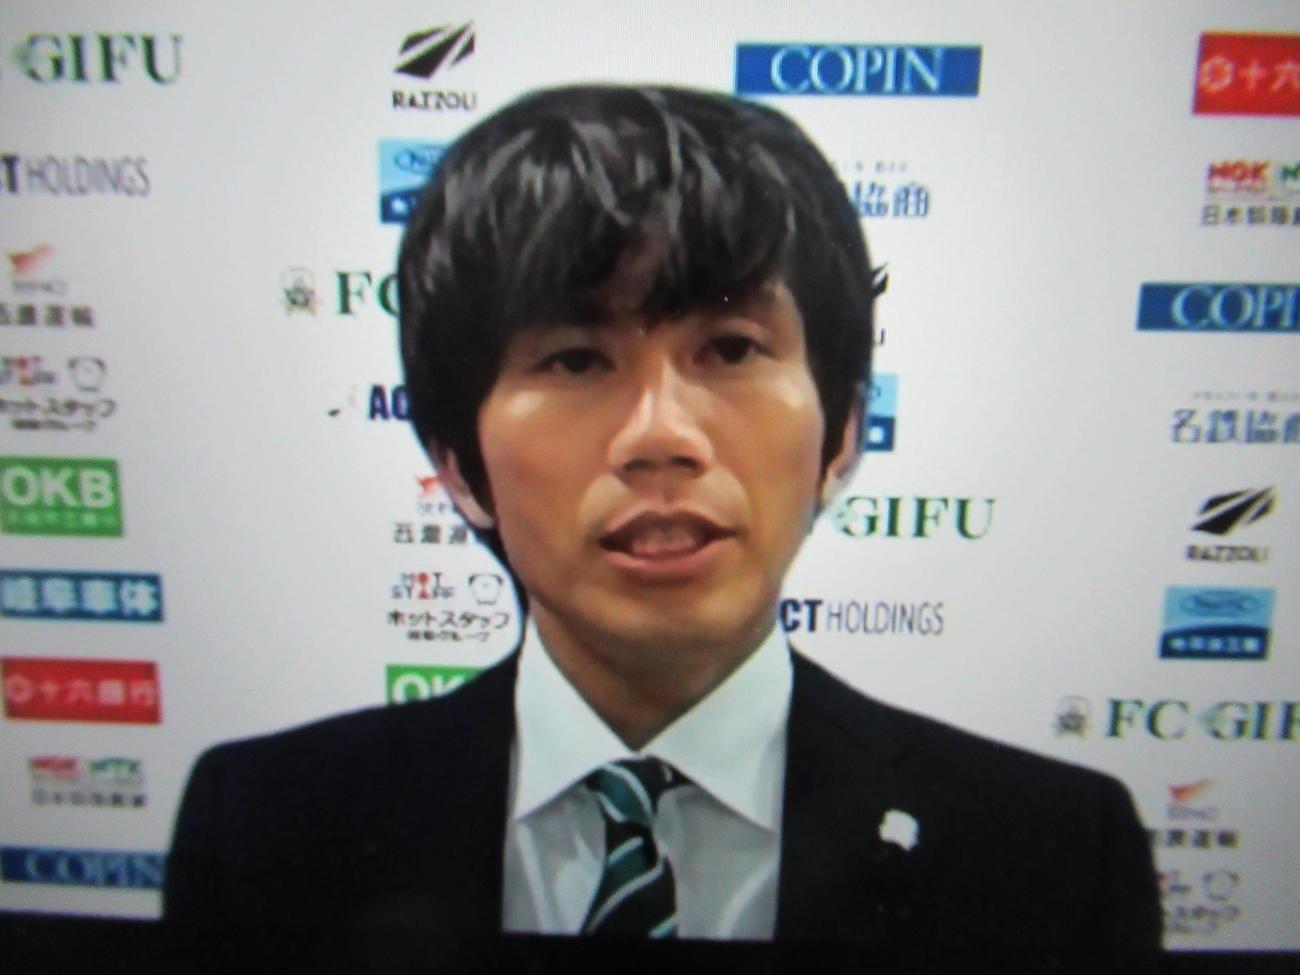 試合後、オンラインで会見に臨む柏木(C)FC岐阜